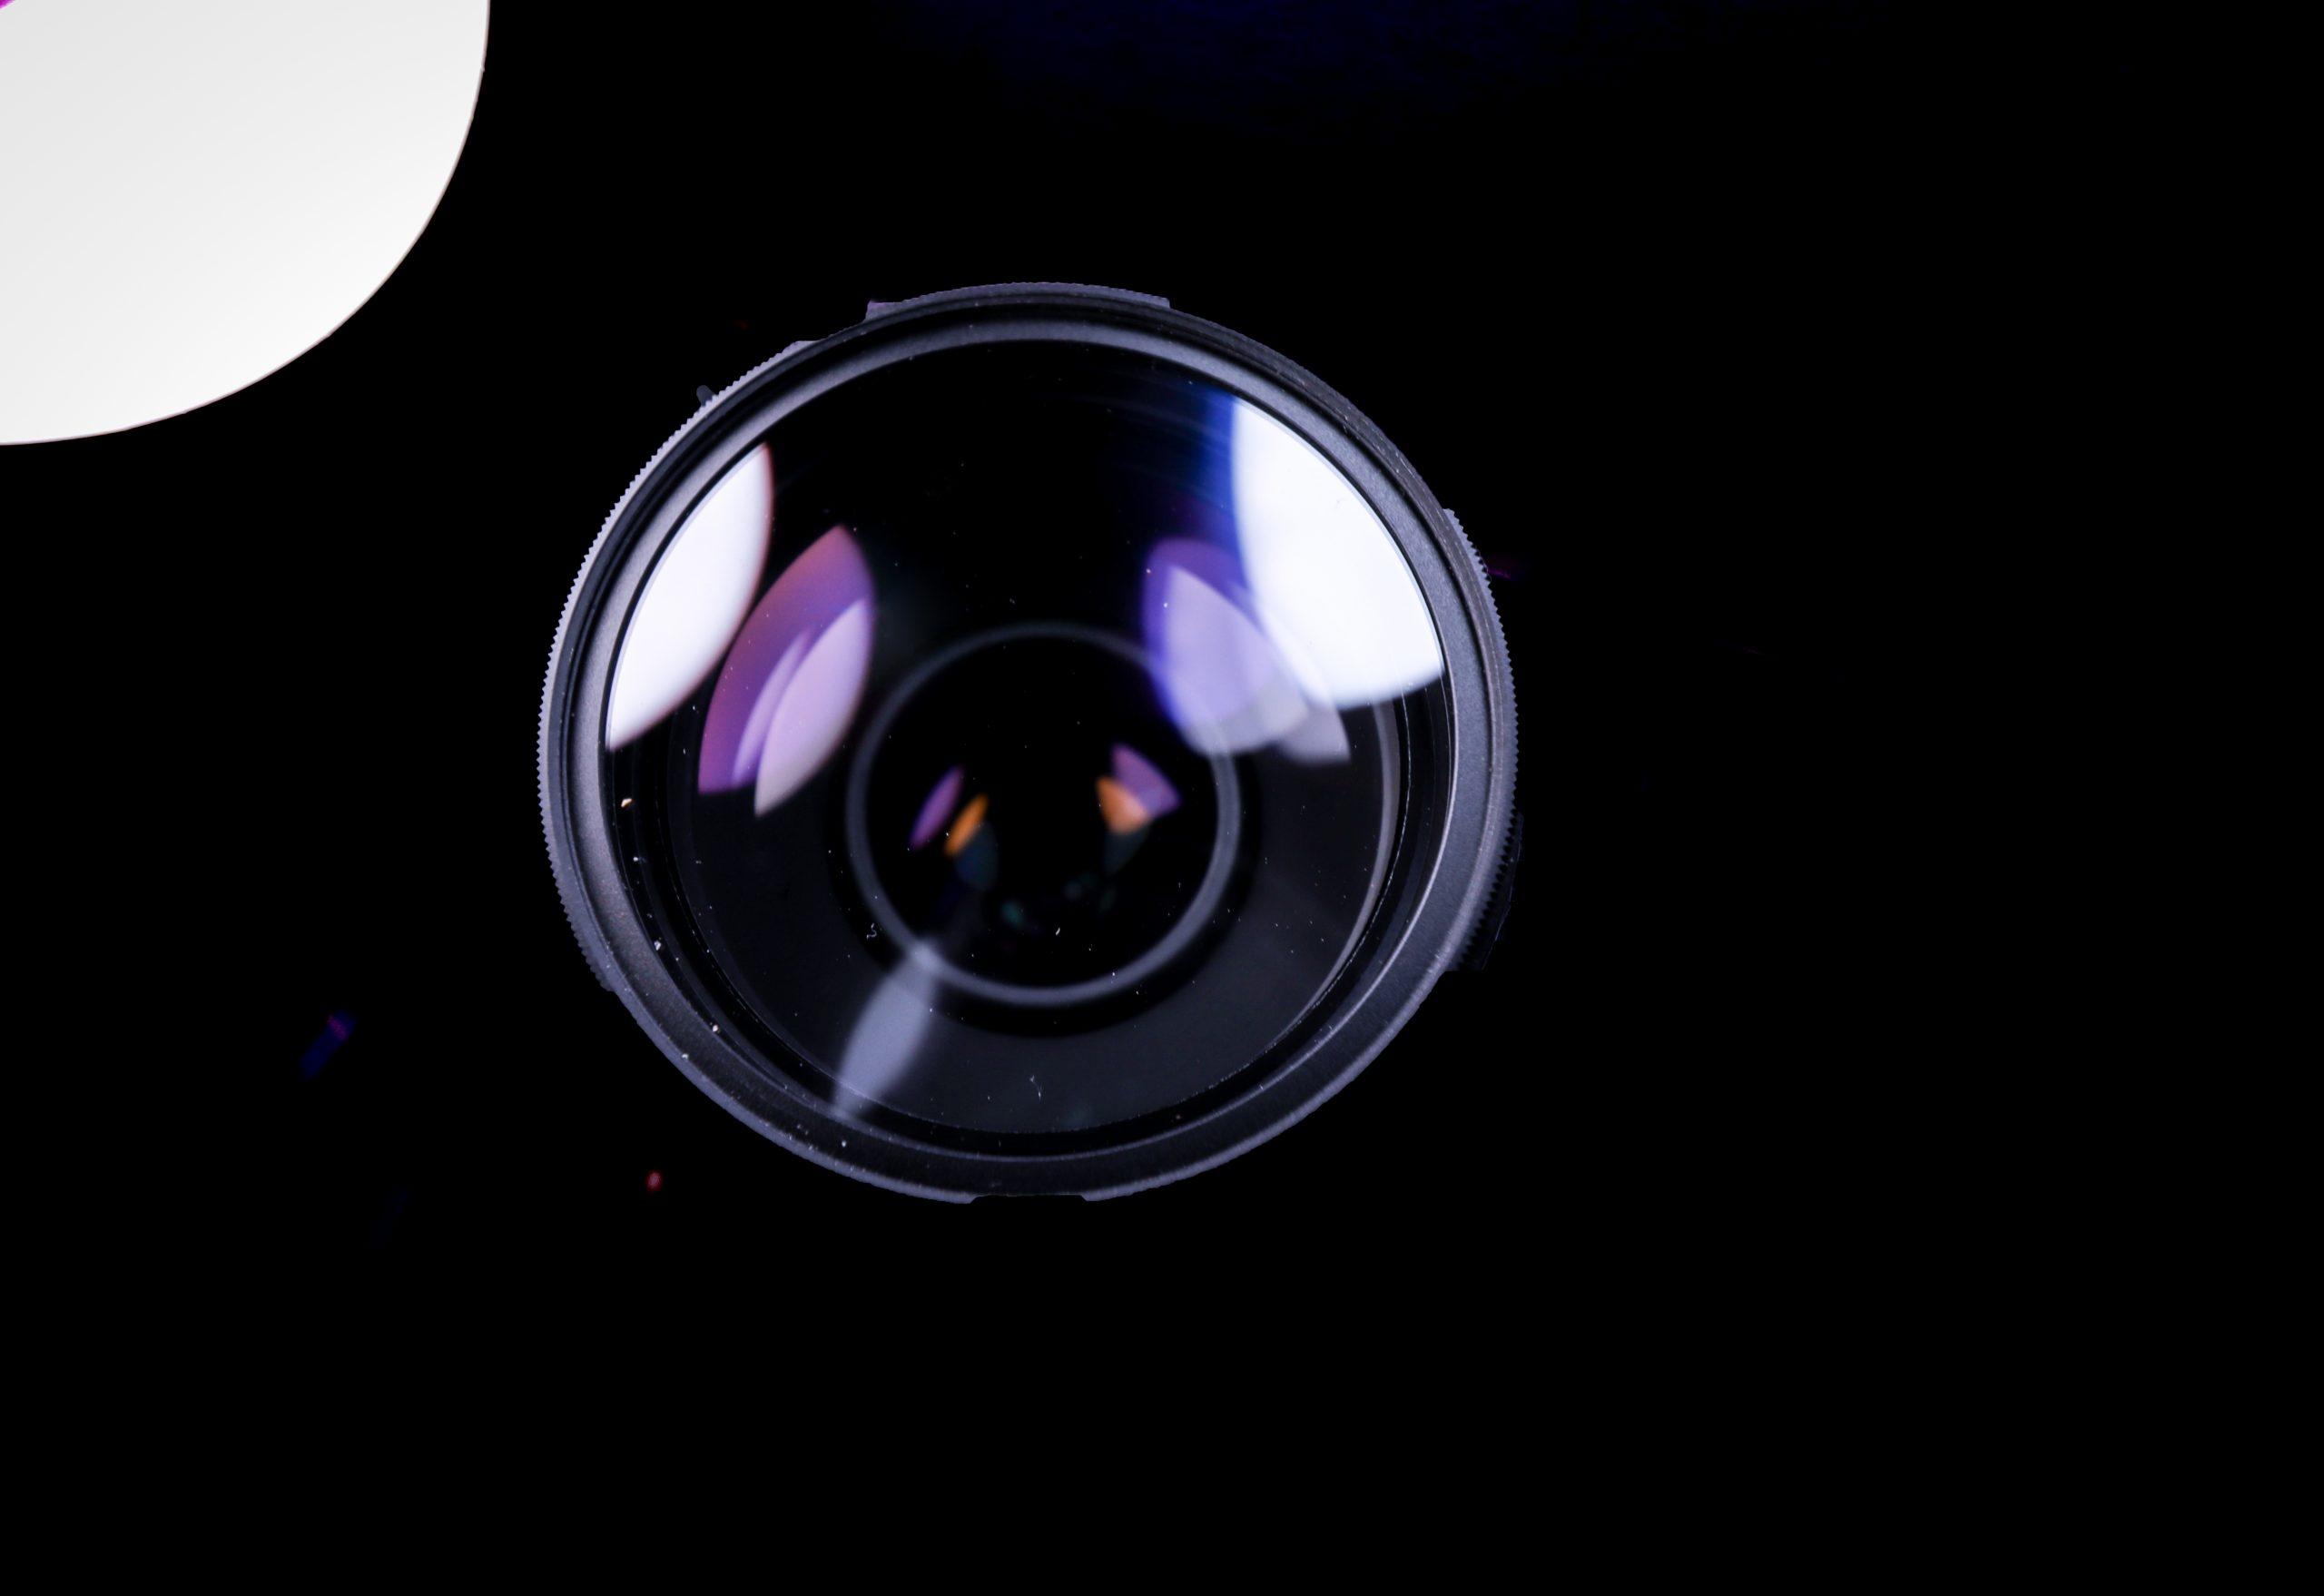 Camera lens on black background